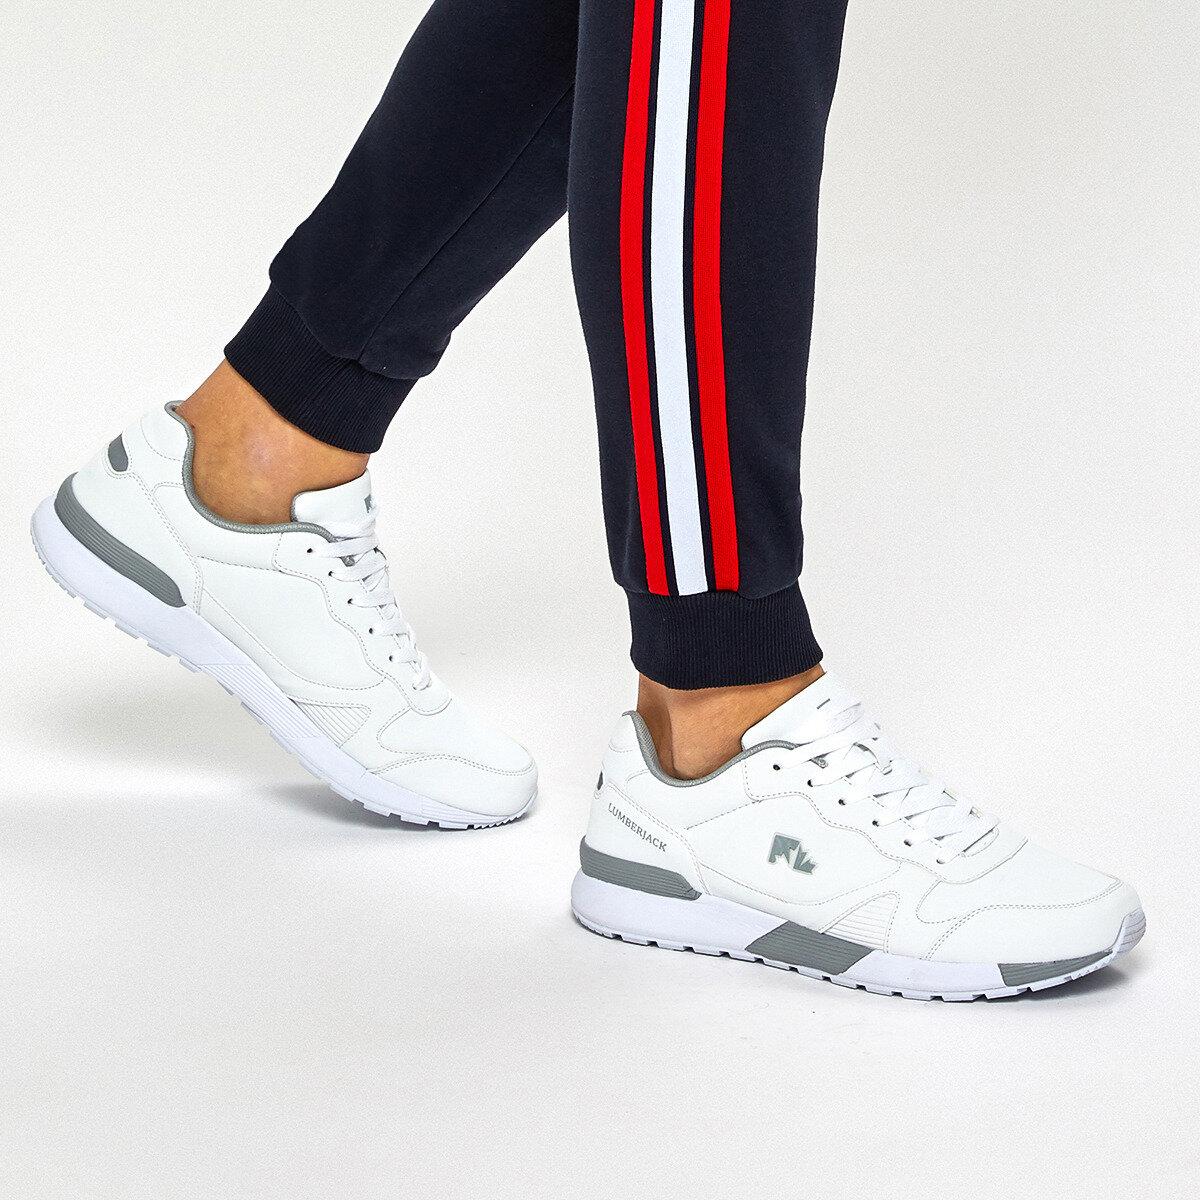 FLO ARANDA 9PR White Men 'S Sneaker Shoes LUMBERJACK